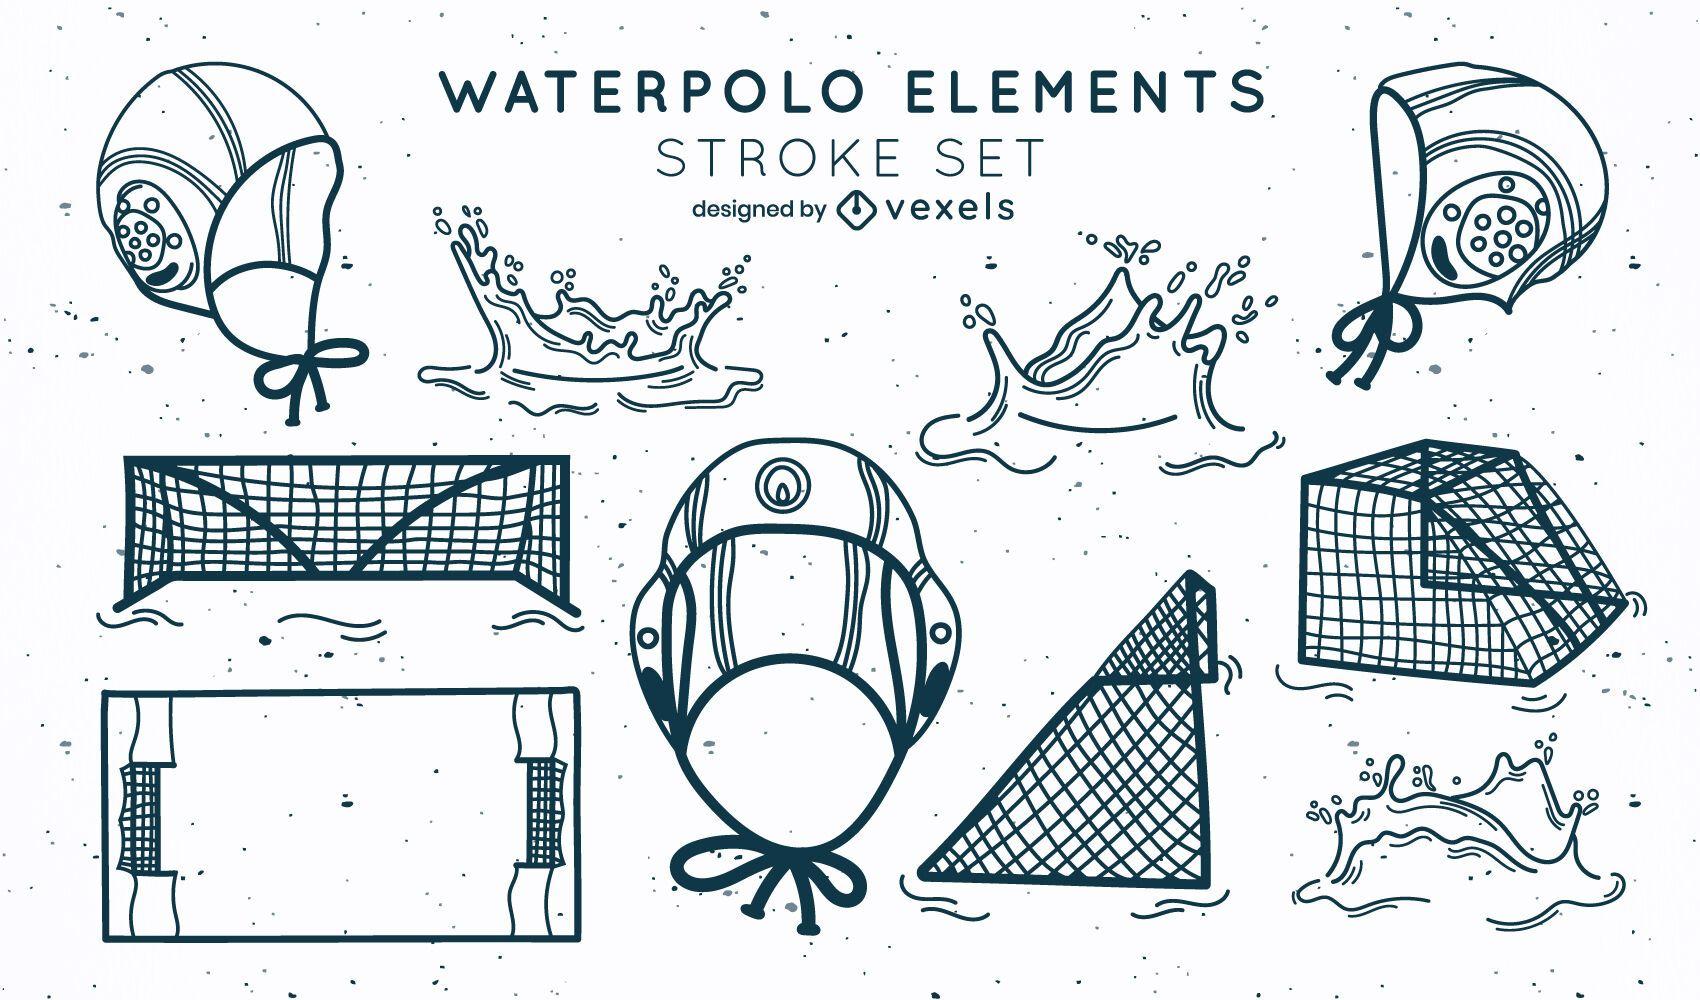 Waterpolo sport equipment stroke set